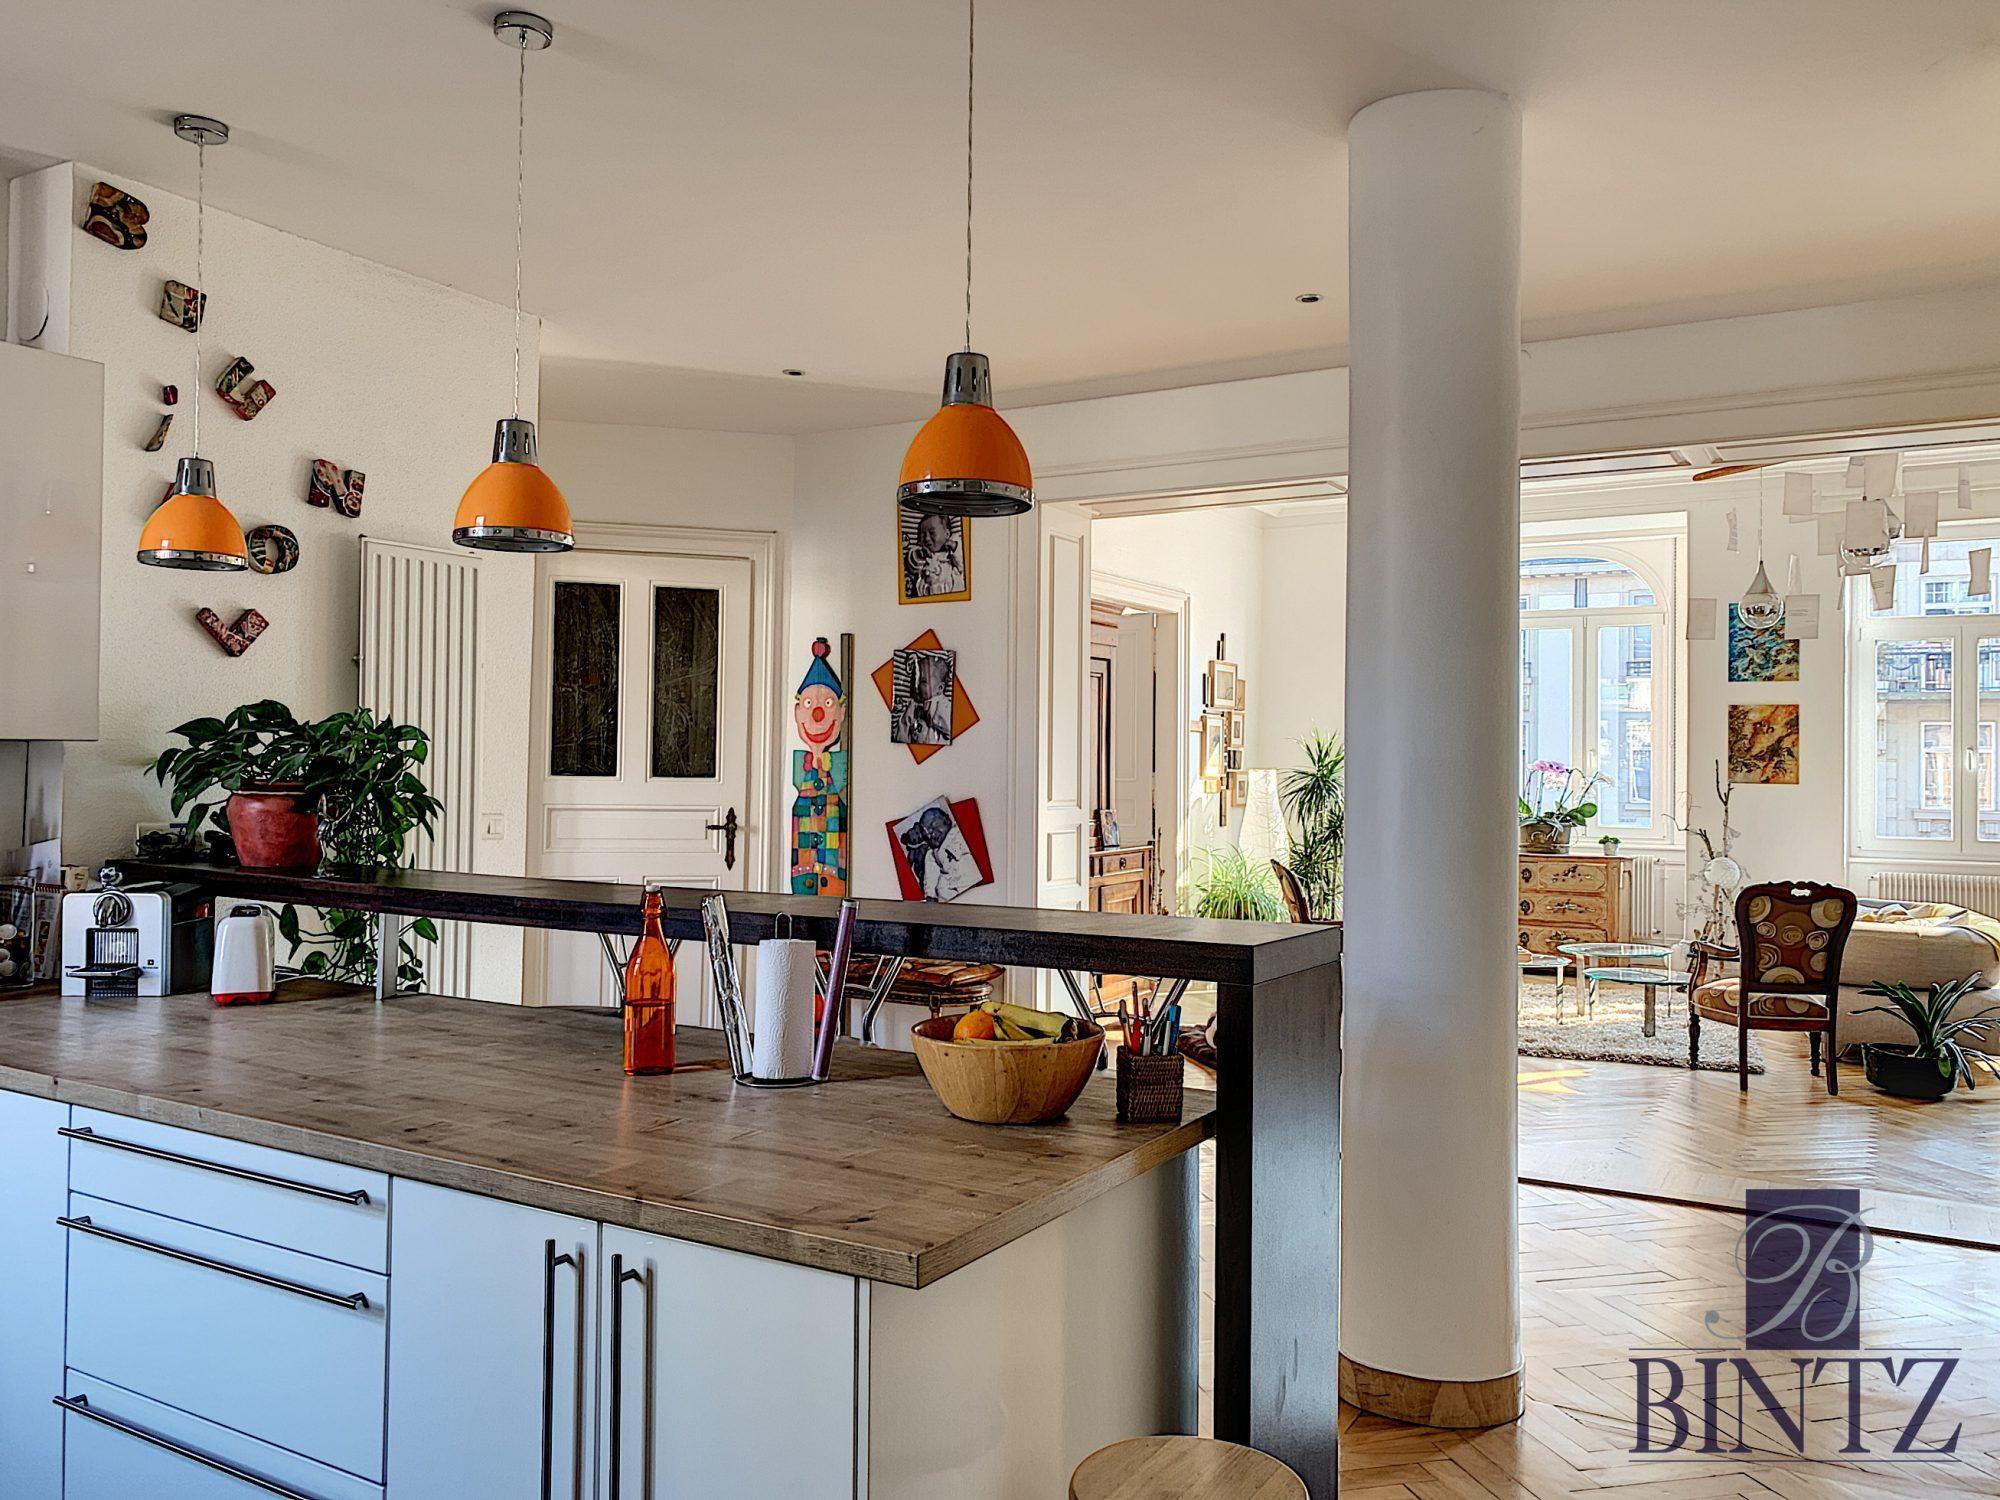 Appartement contemporain quartier forêt noire - Devenez propriétaire en toute confiance - Bintz Immobilier - 3